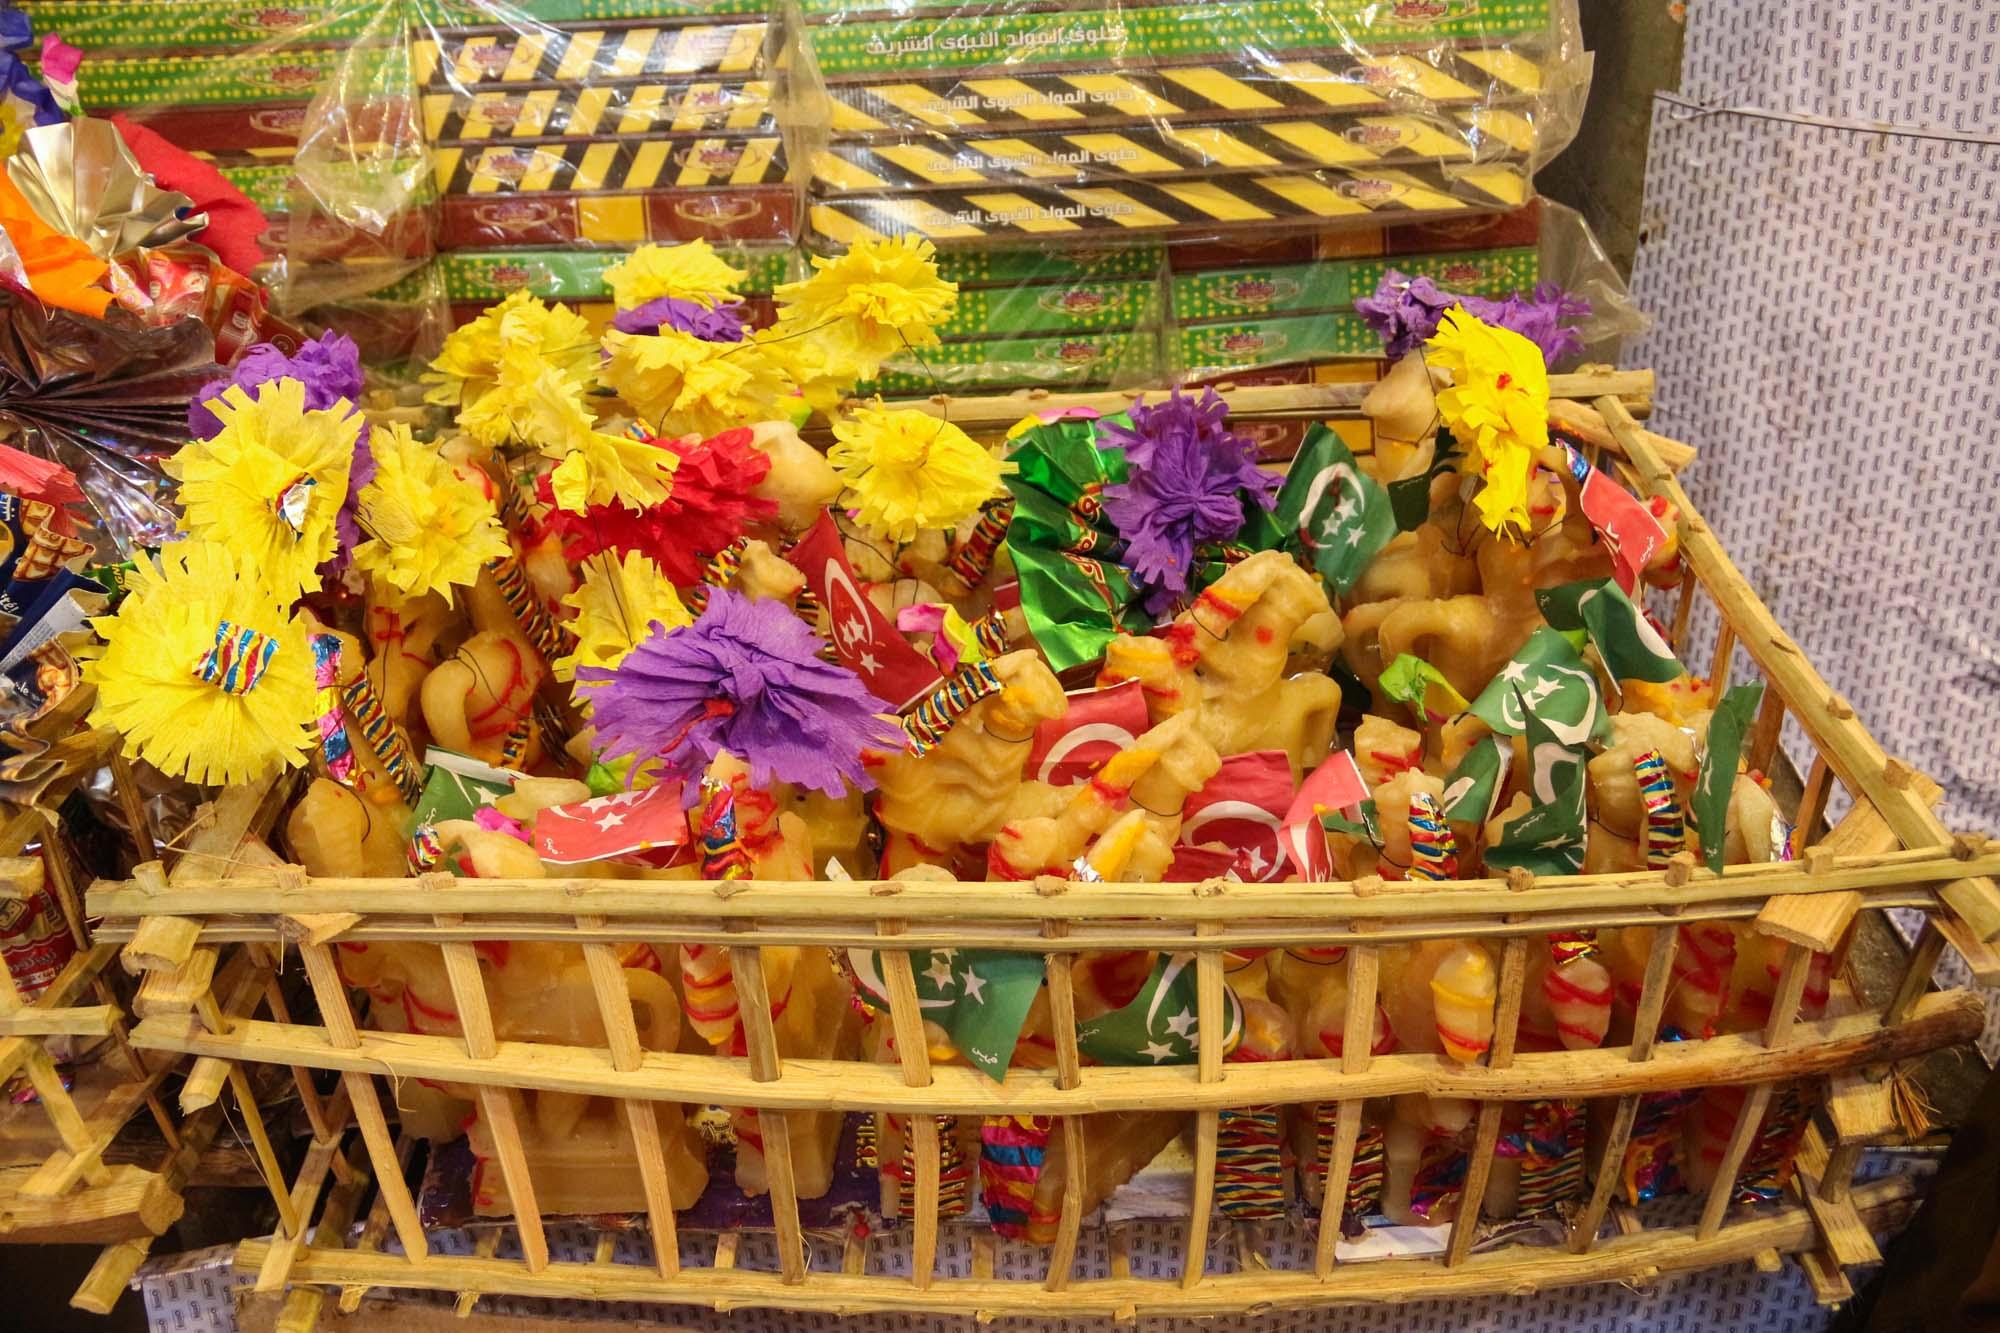 بعض المحال القليلة ما زالت تحافظ على تقليد بيع حلوى المولد كل عام - تصوير: صديق البخشونجي